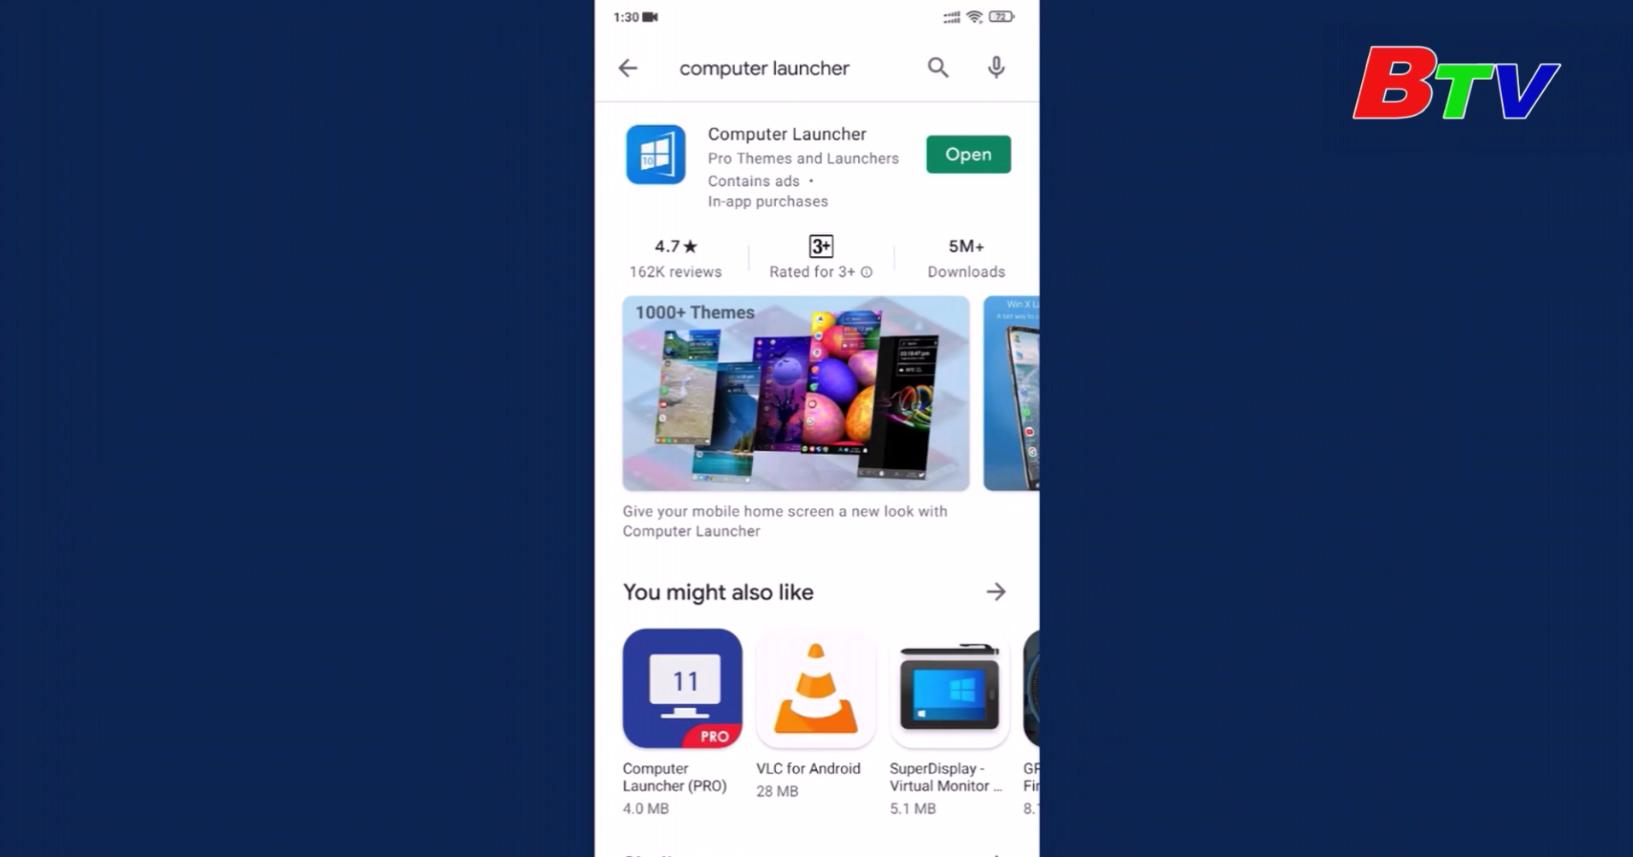 Giới thiệu một số cách thay đổi giao diện trên điện thoại Android